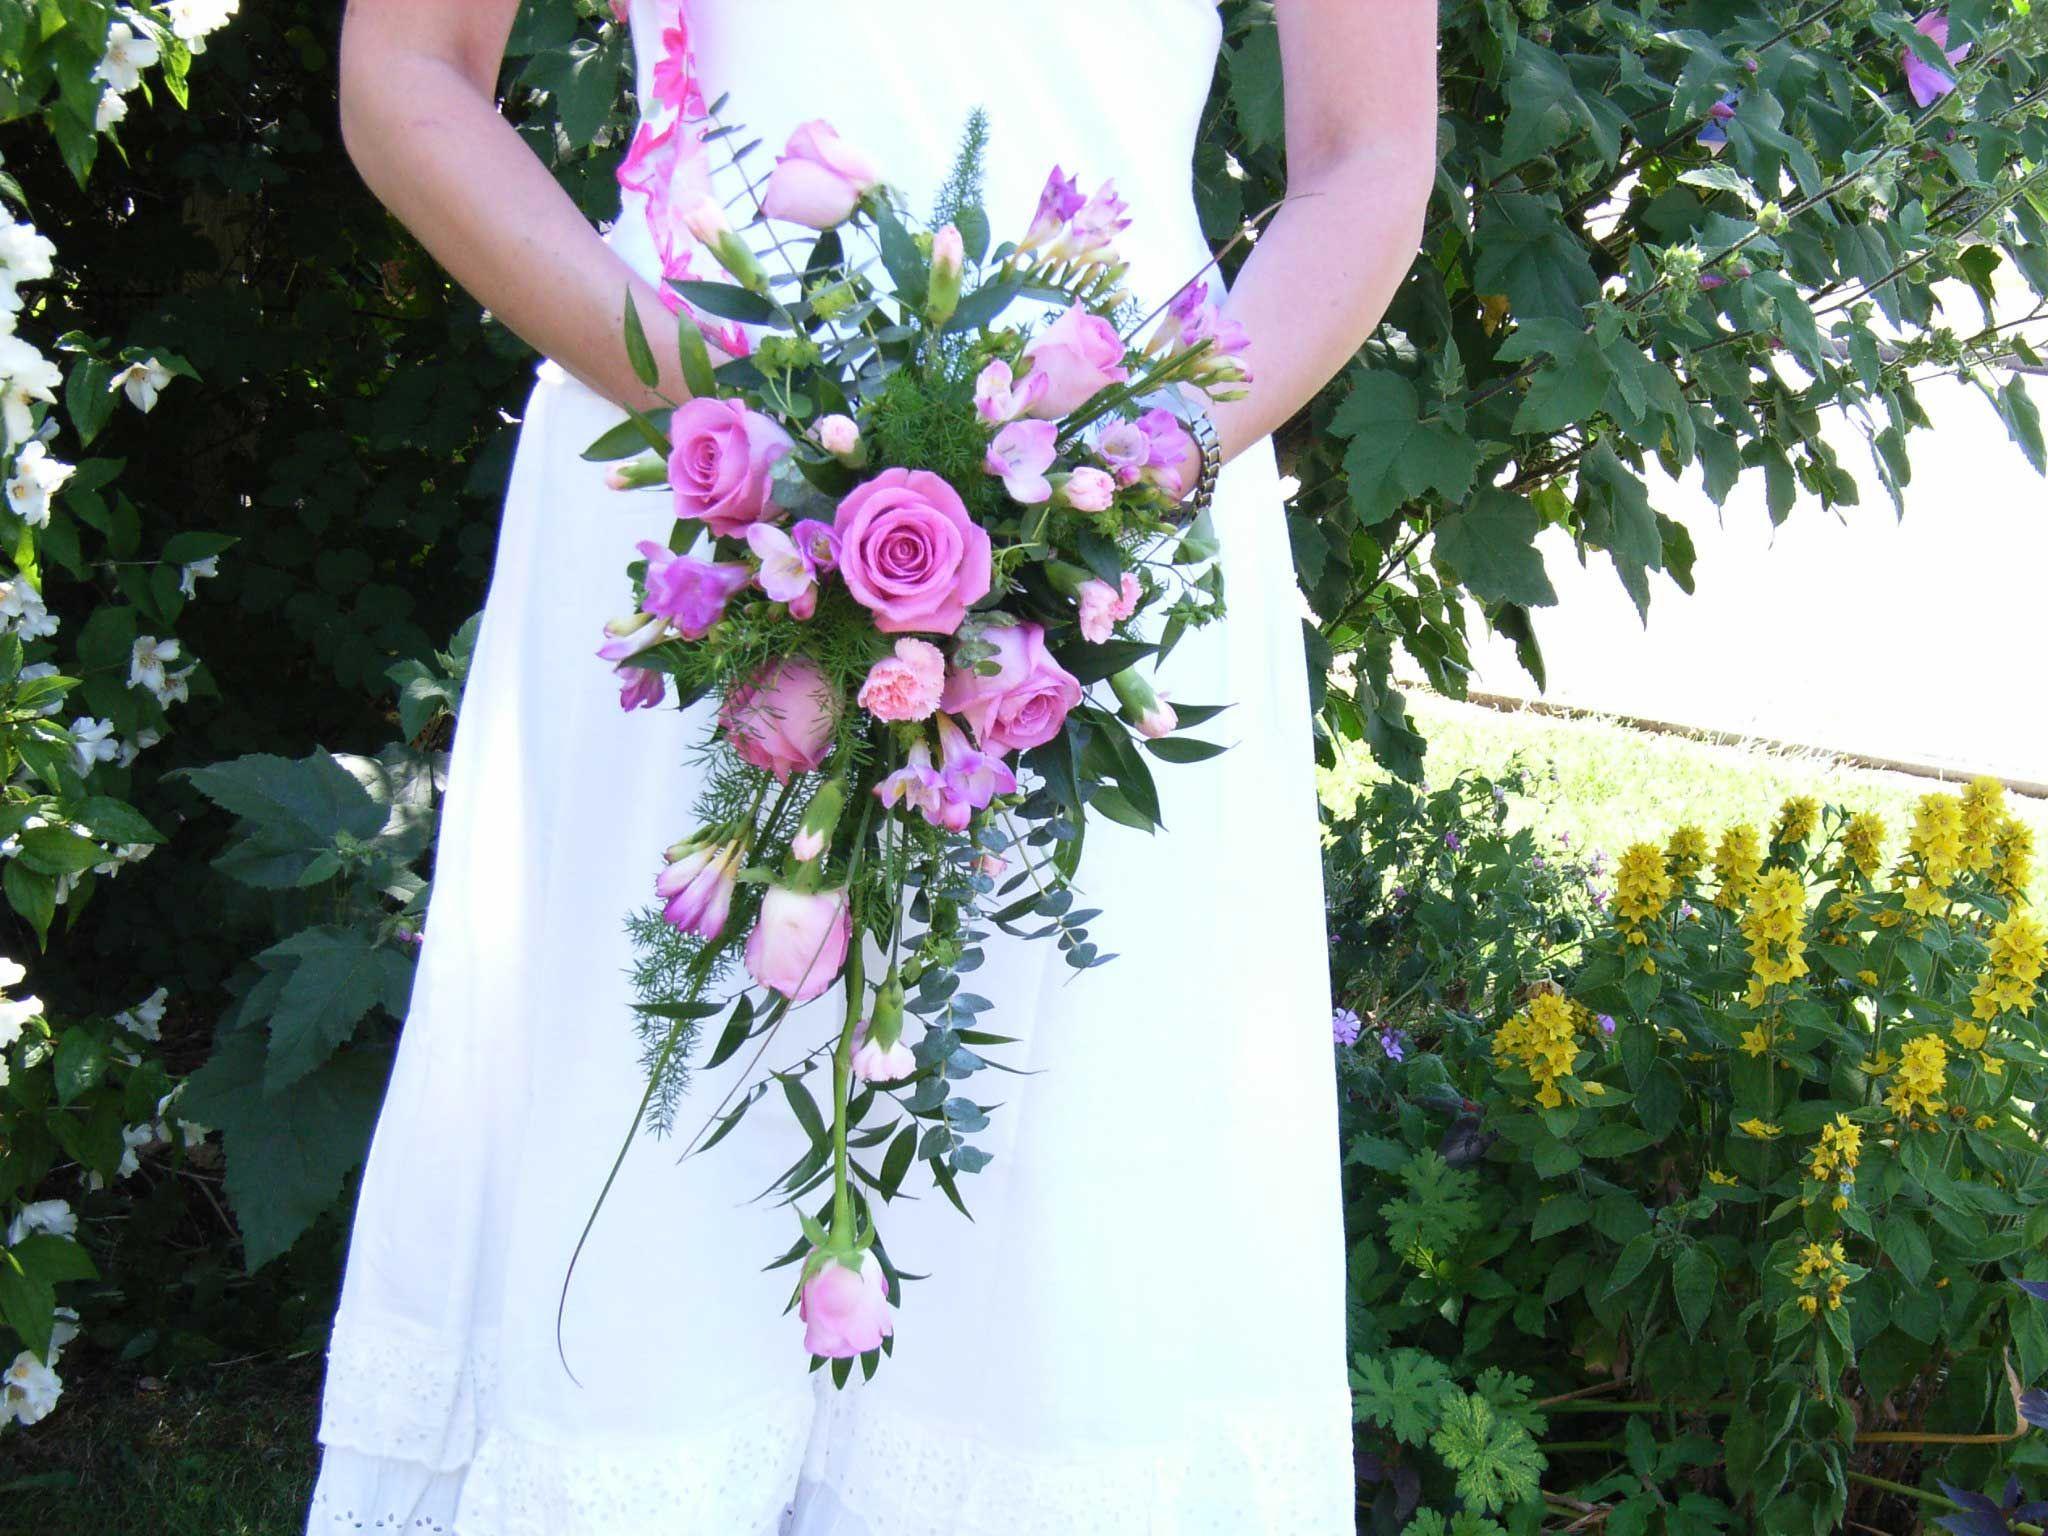 Floralarrangements wedding flower arrangements ideas on filed in floralarrangements wedding flower arrangements ideas on filed in cheap wedding flower izmirmasajfo